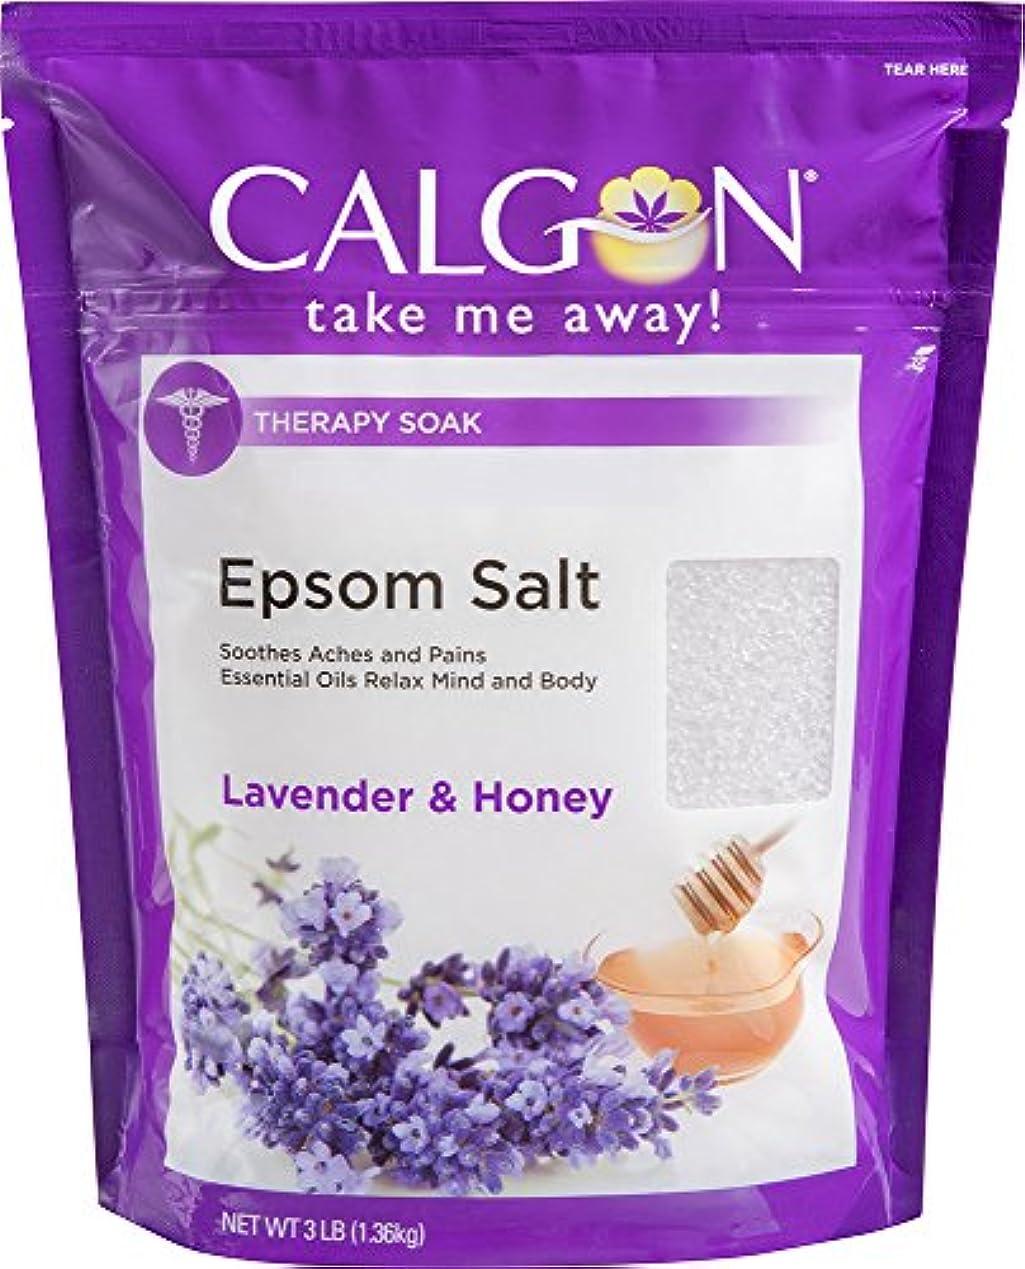 証明資本主義スーツケースCalgon リジュエプソム塩(ラベンダーと蜂蜜、48オンス)